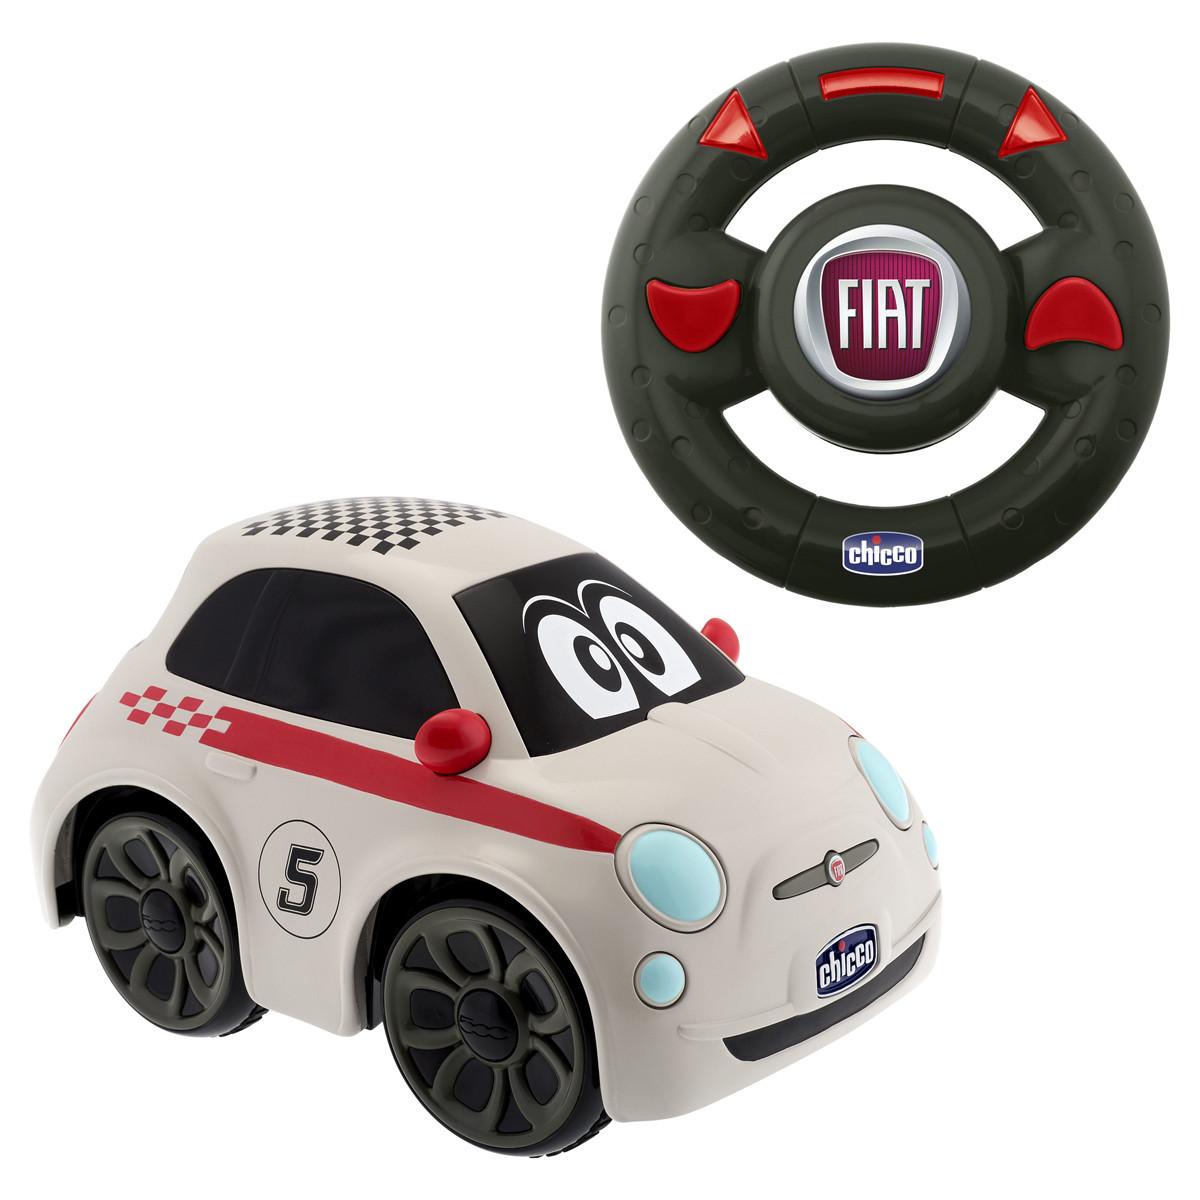 Chicco carro Fiat 500 sport RC telecomandado